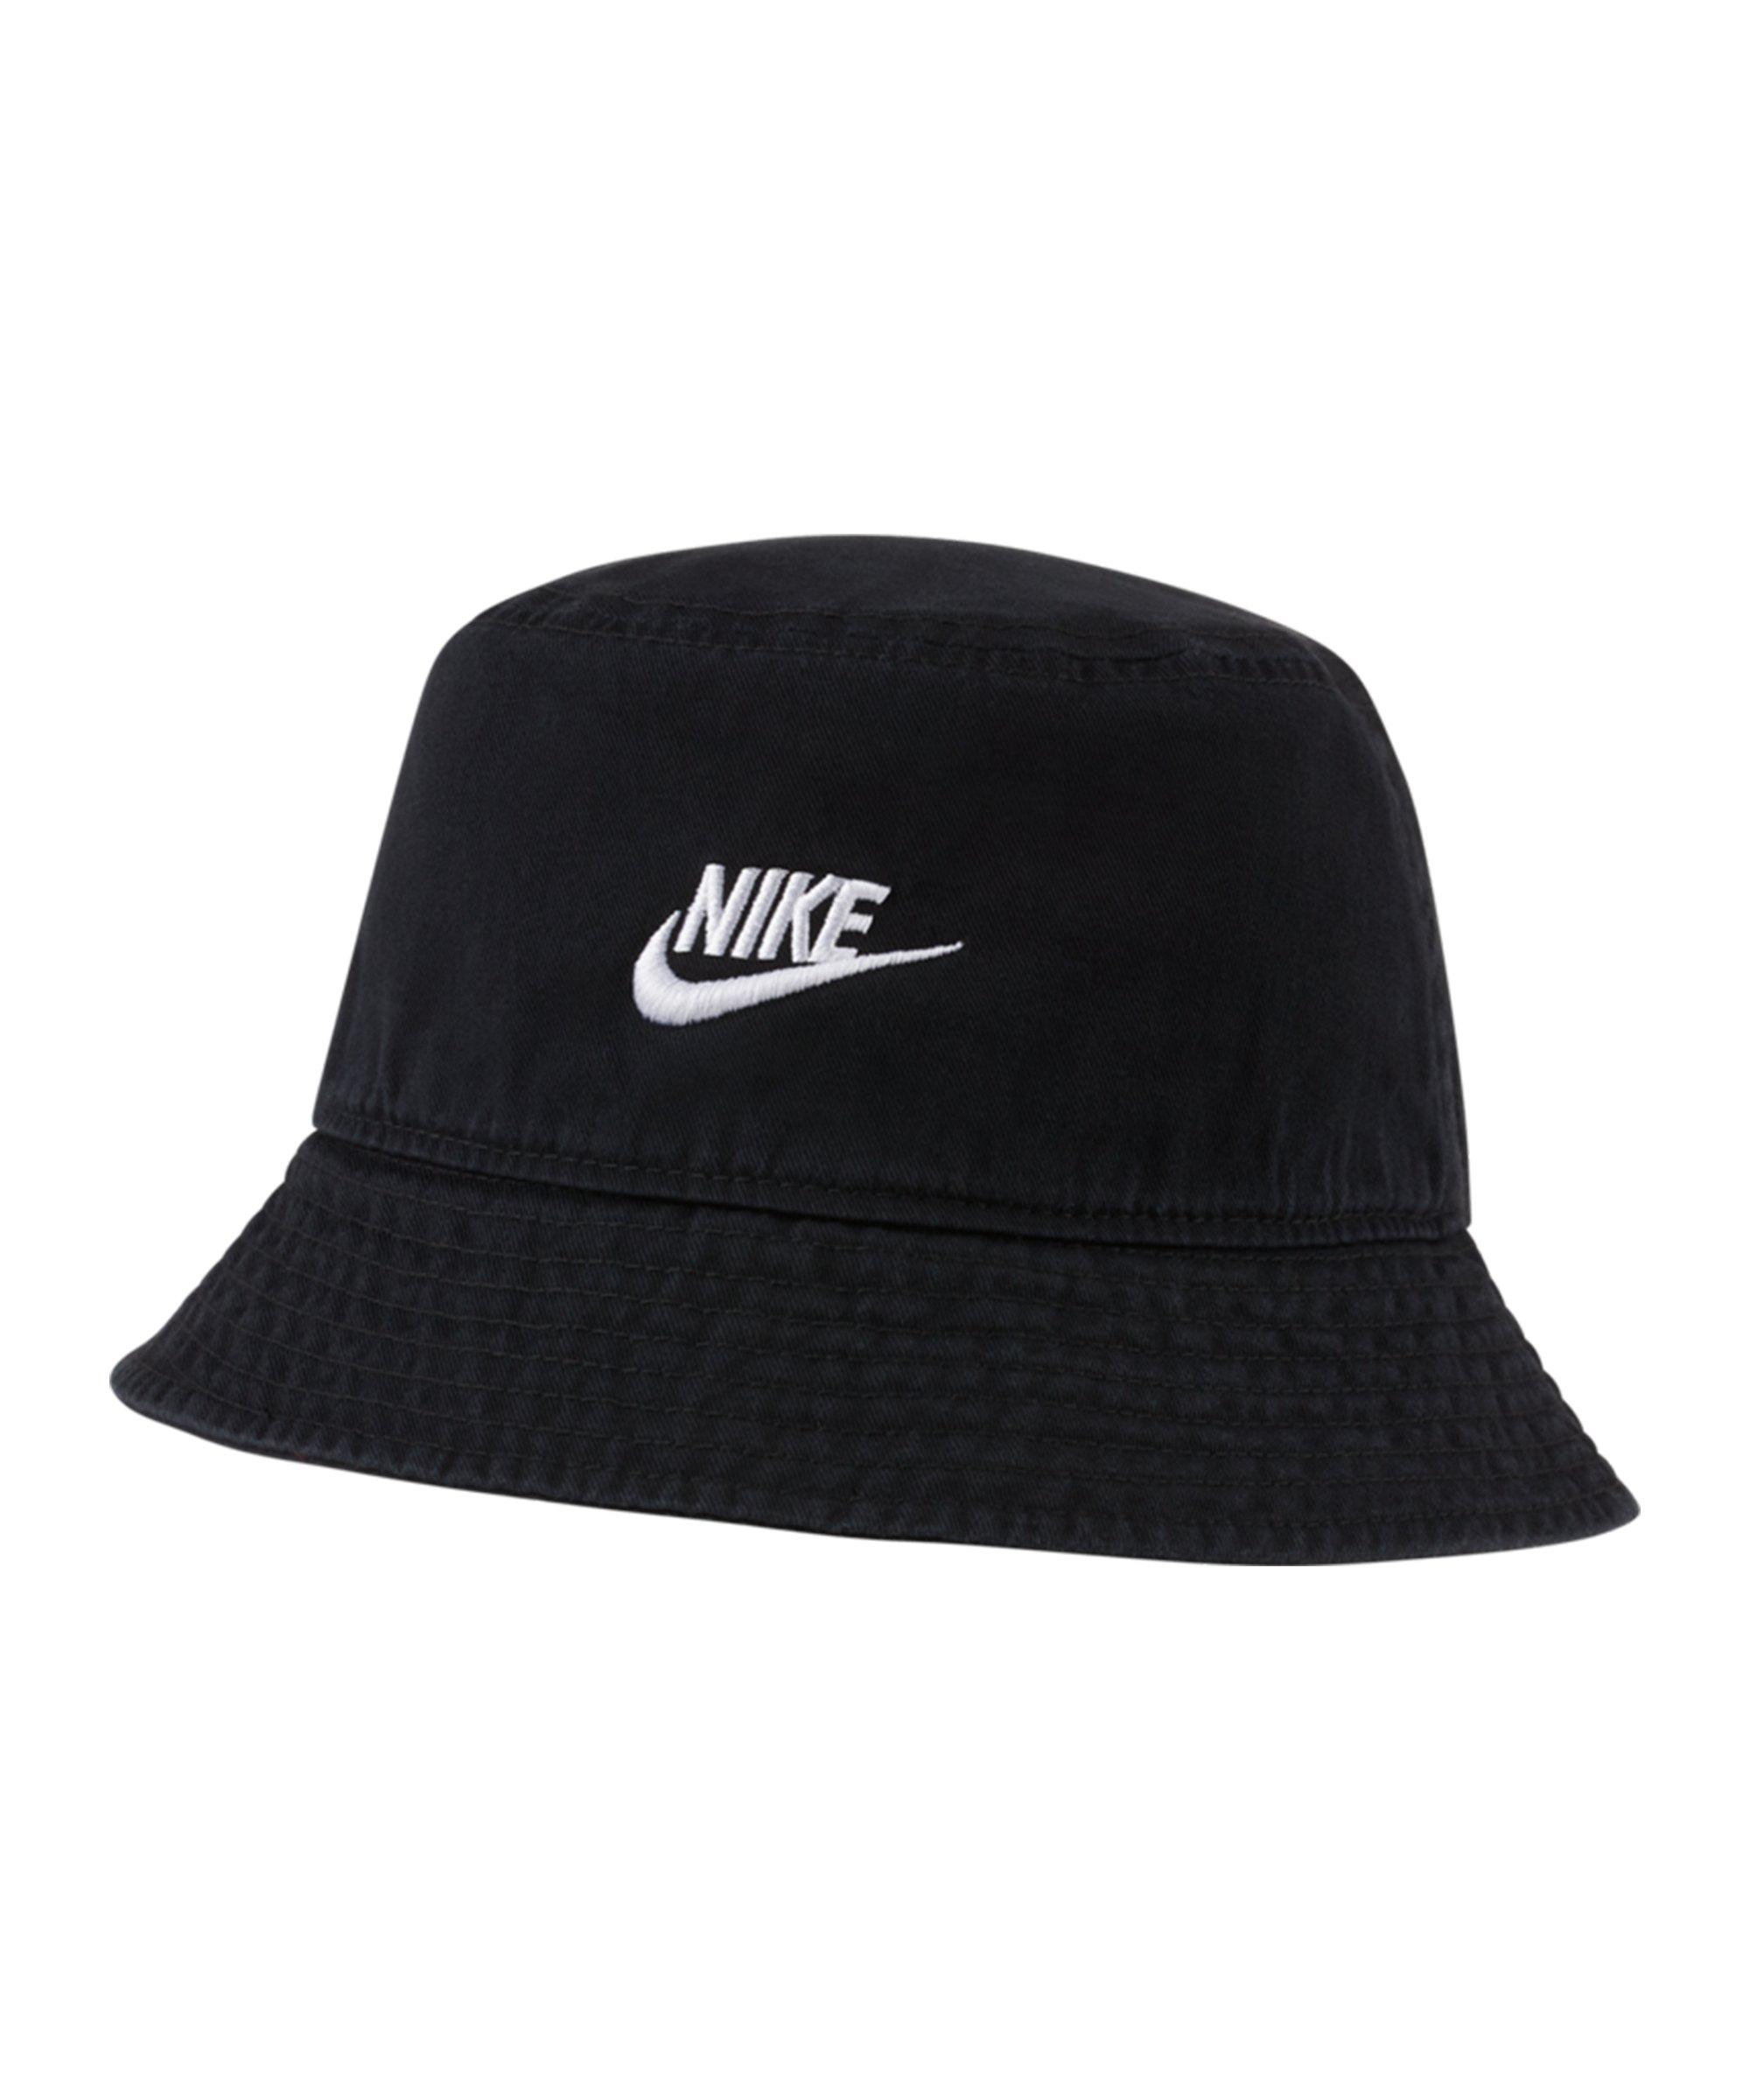 Nike Futura Wash Hut Schwarz Weiss F010 - schwarz